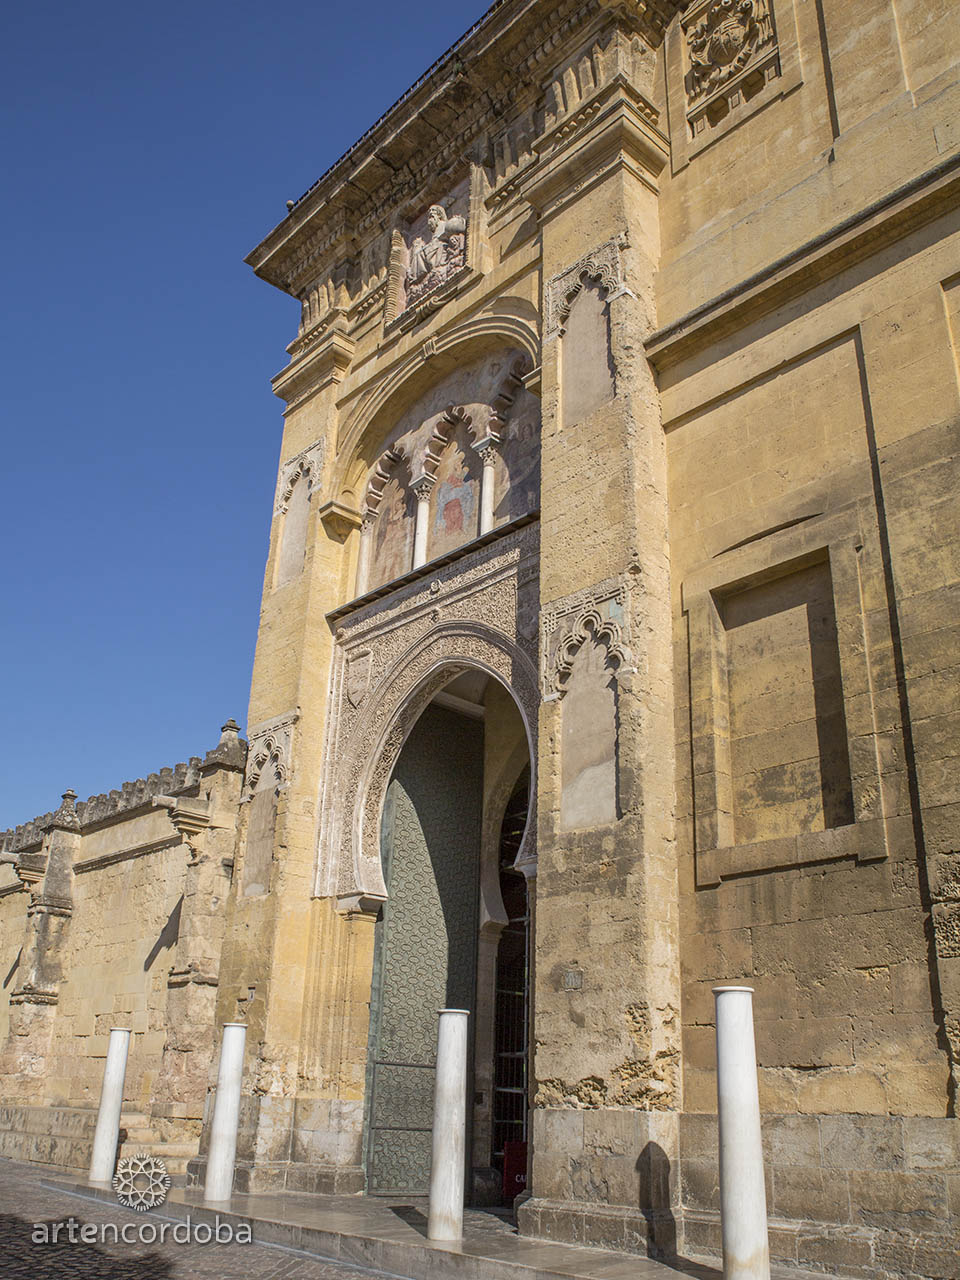 Detalle del primer cuerpo de la Puerta del Perdón en la Mezquita-Catedral de Córdoba